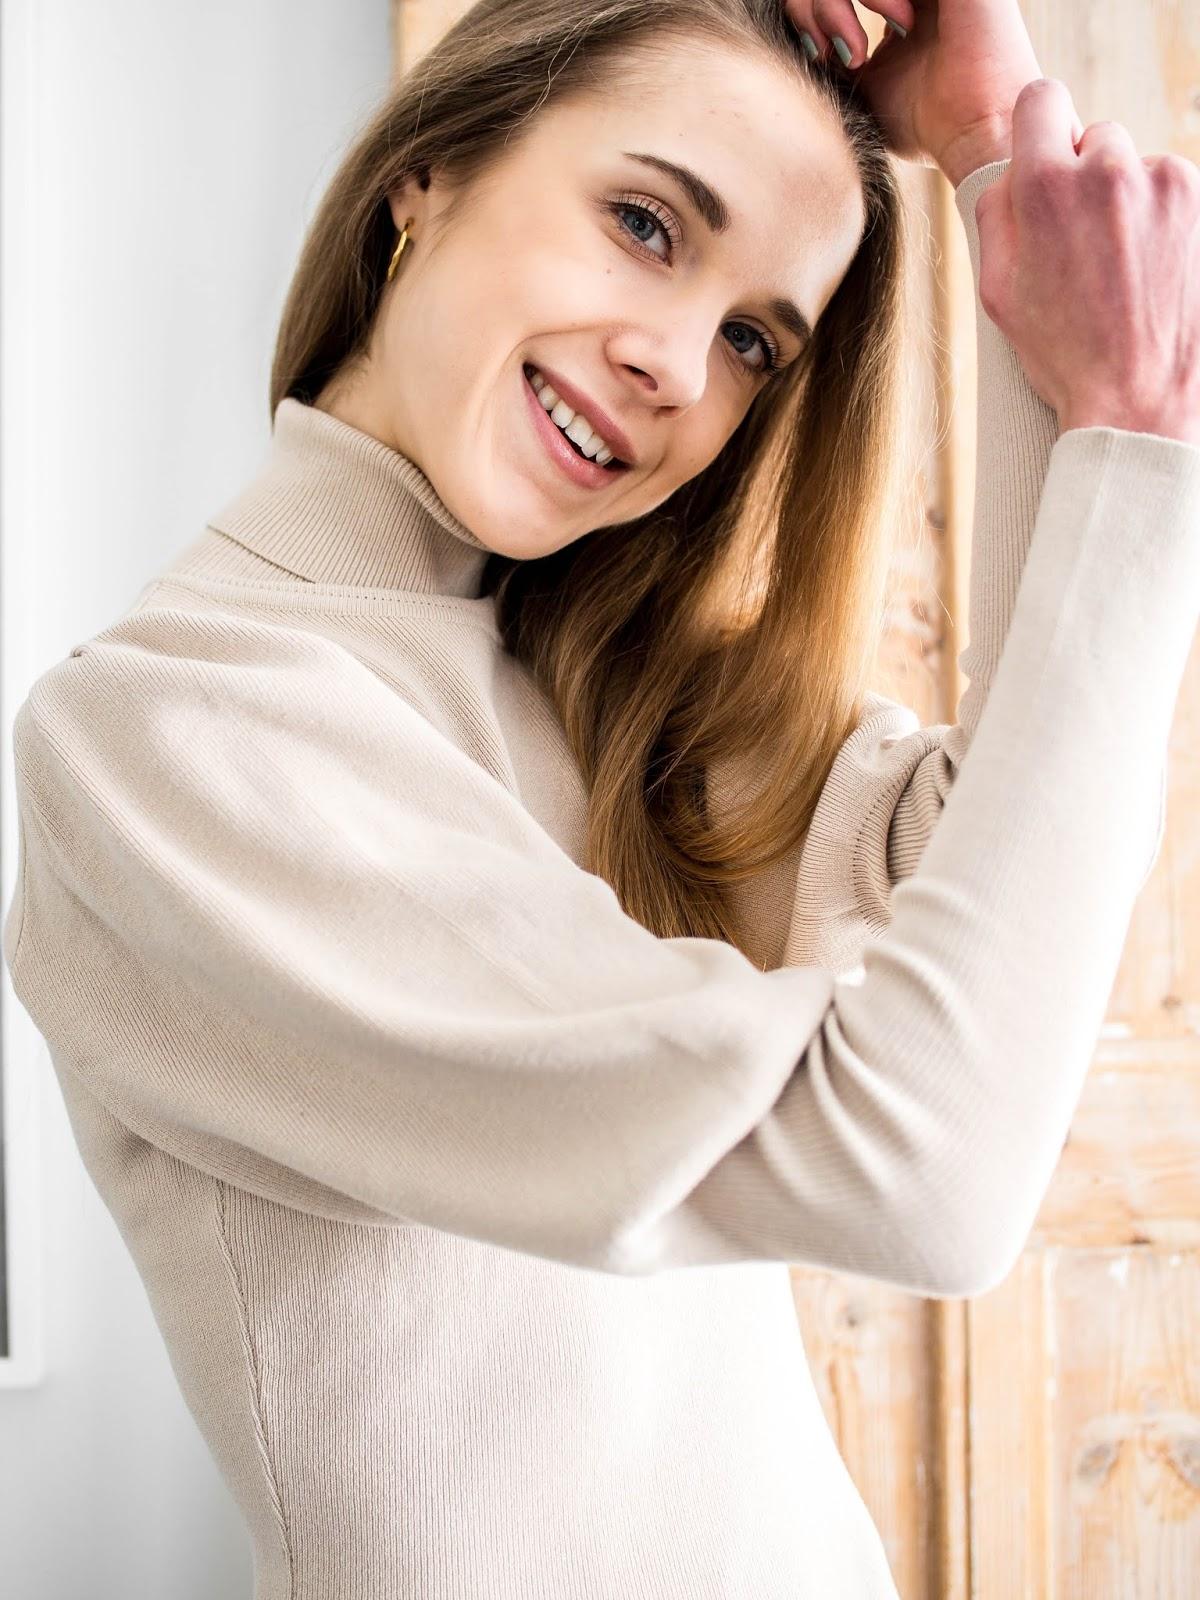 How to style a puff sleeve dress - Kuinka pukea puhvihihainen mekko